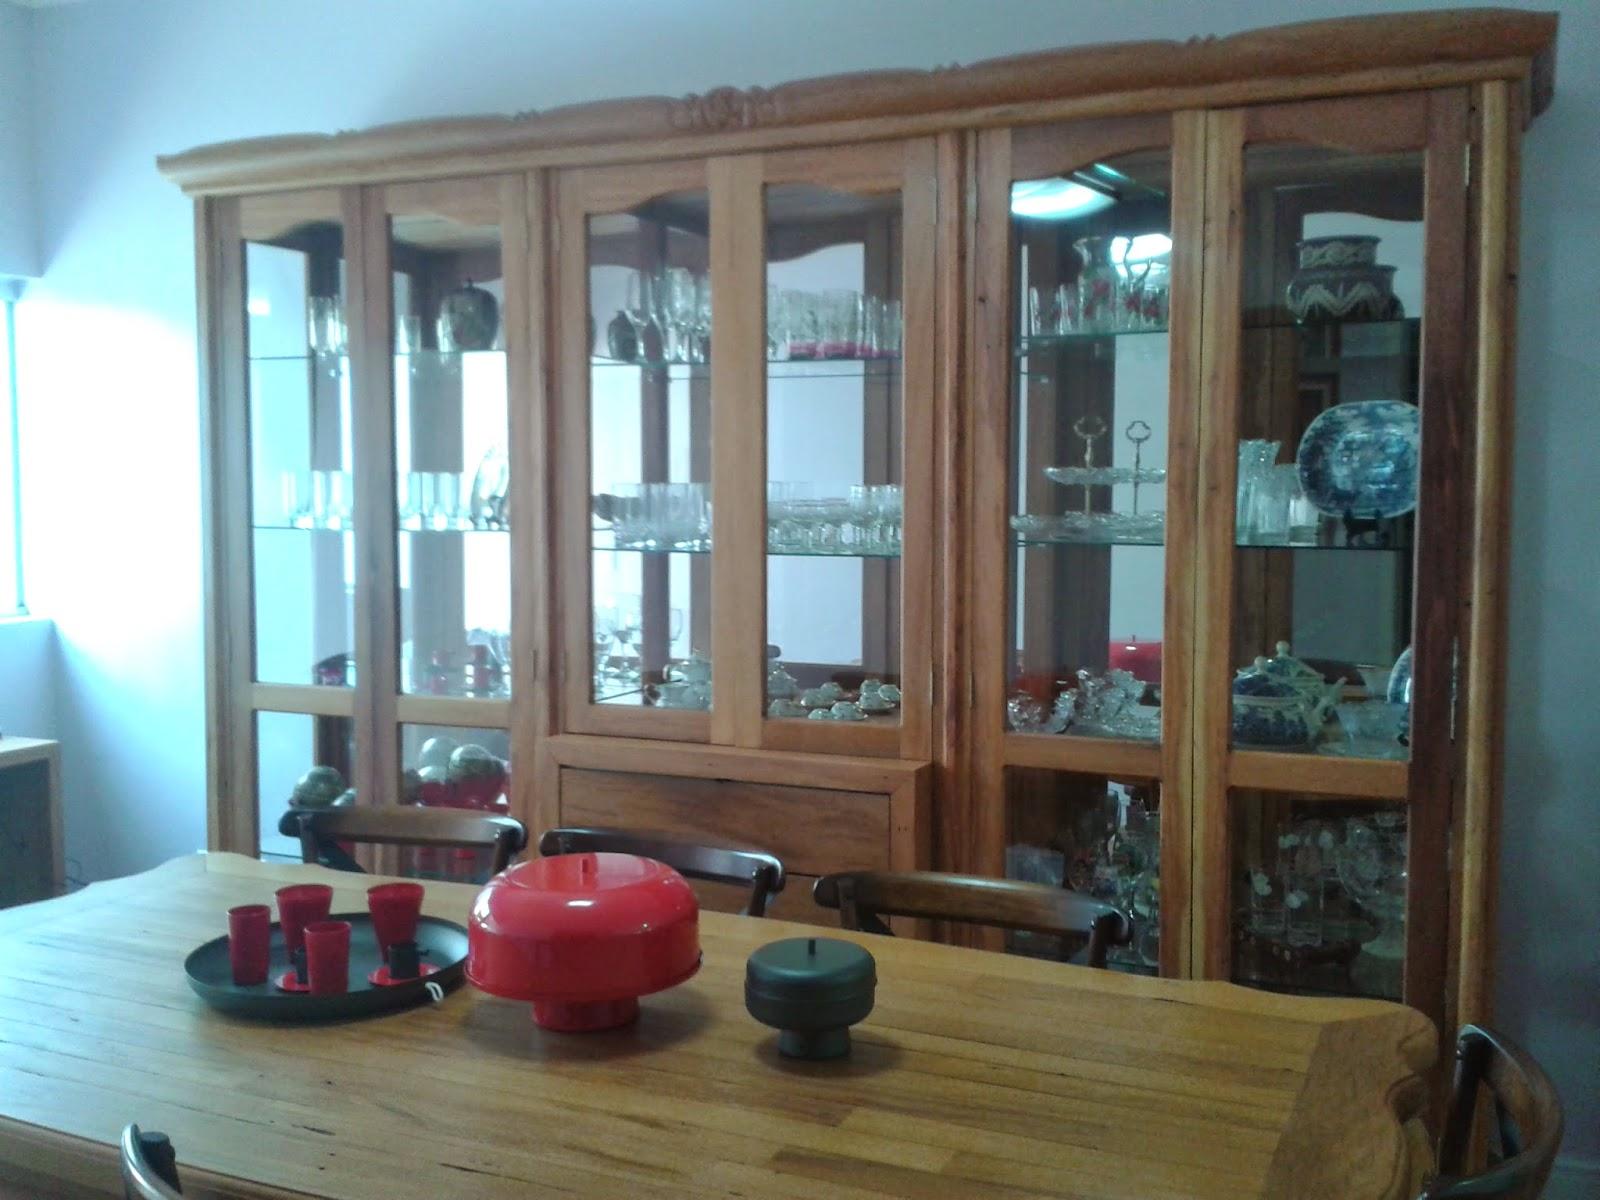 Urbanismo : Sala de Jantar com Cristaleira em madeira de demolição #10ABBB 1600x1200